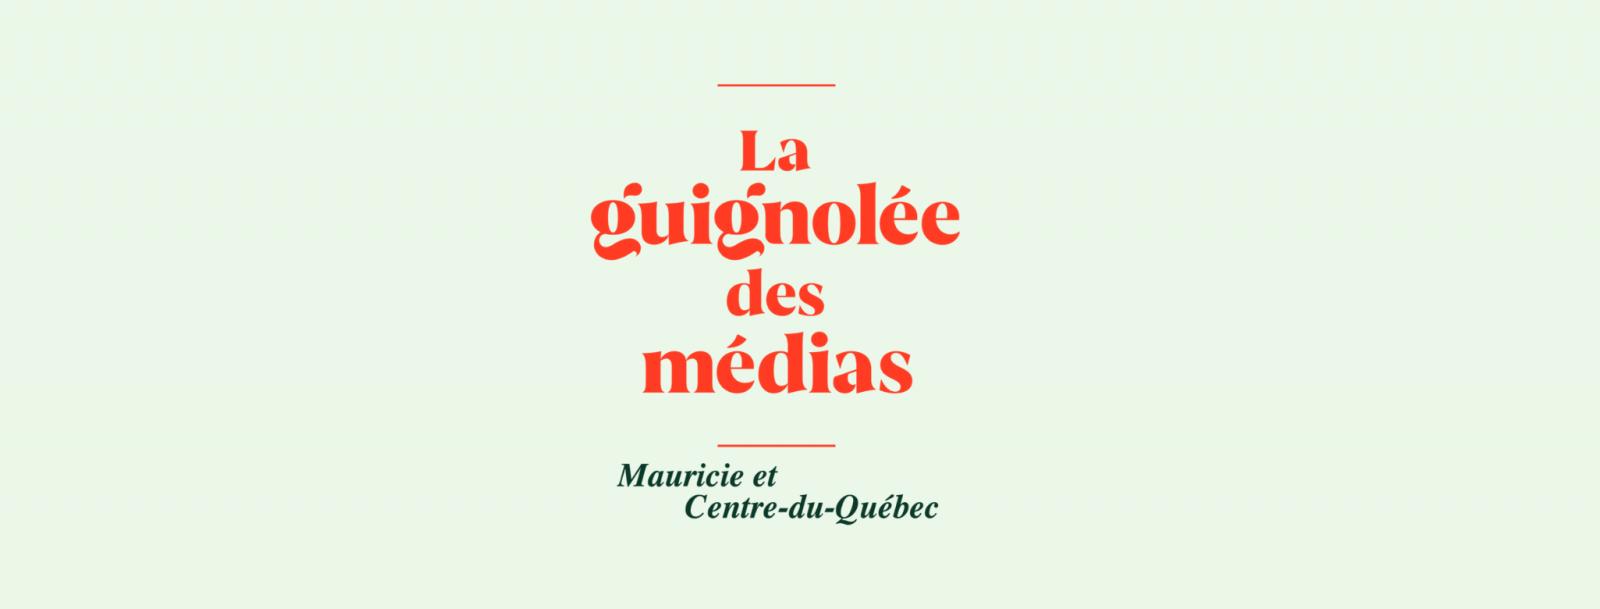 Guignolée des médias: 123 969$ amassés en Mauricie/Centre-du-Québec